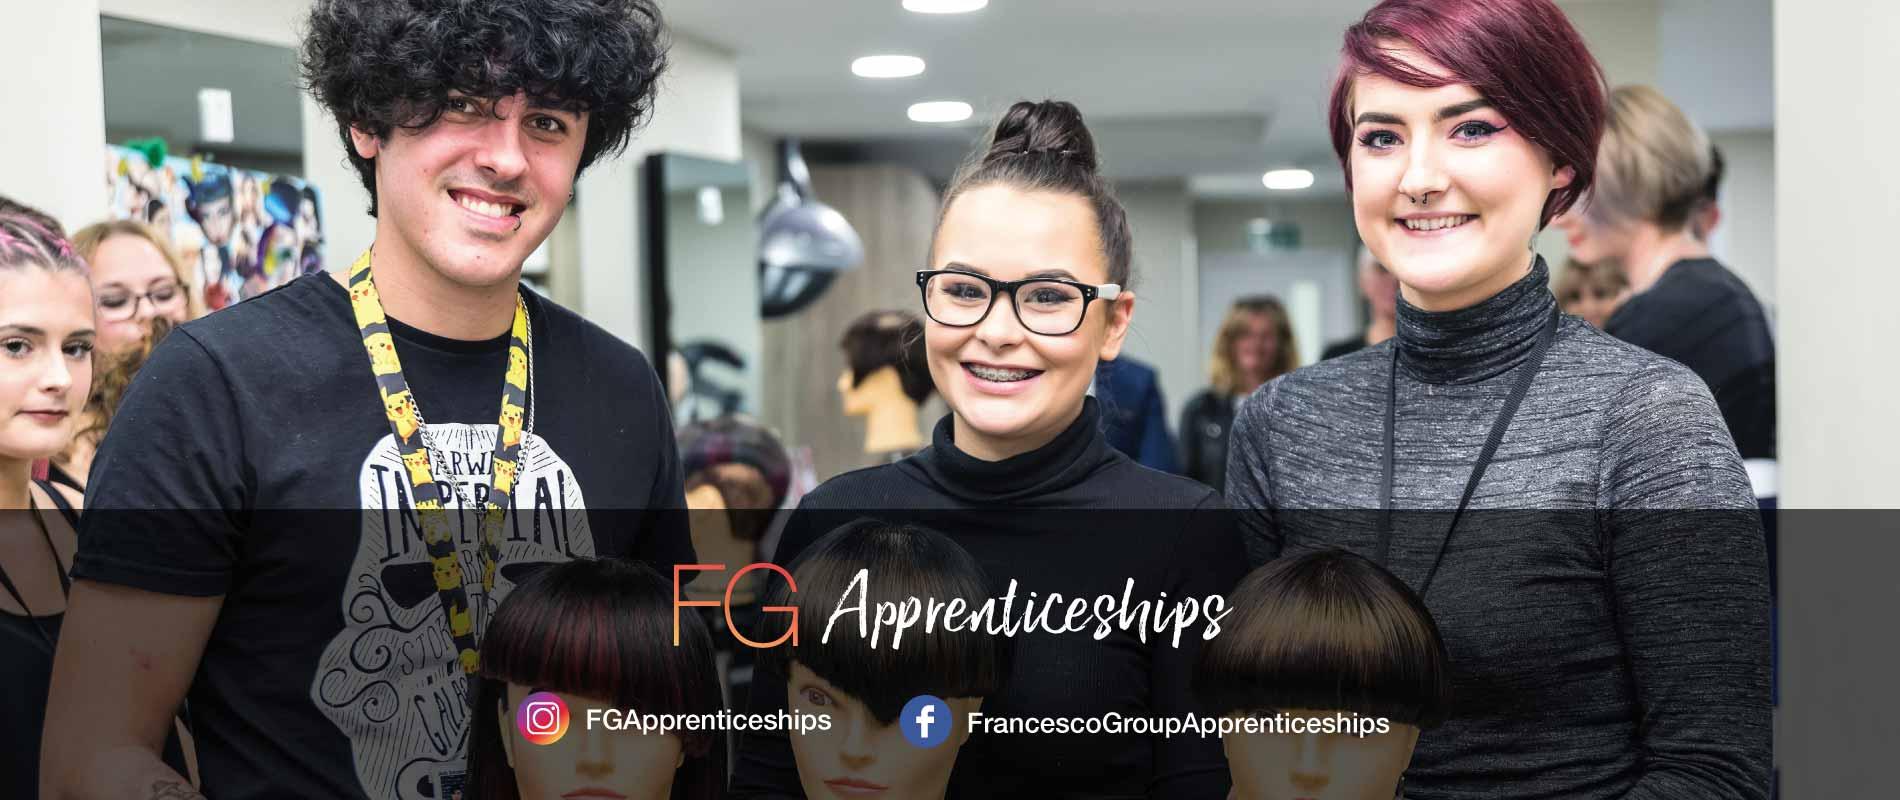 FG Apprenticeships - Hairdressing Apprenticeships